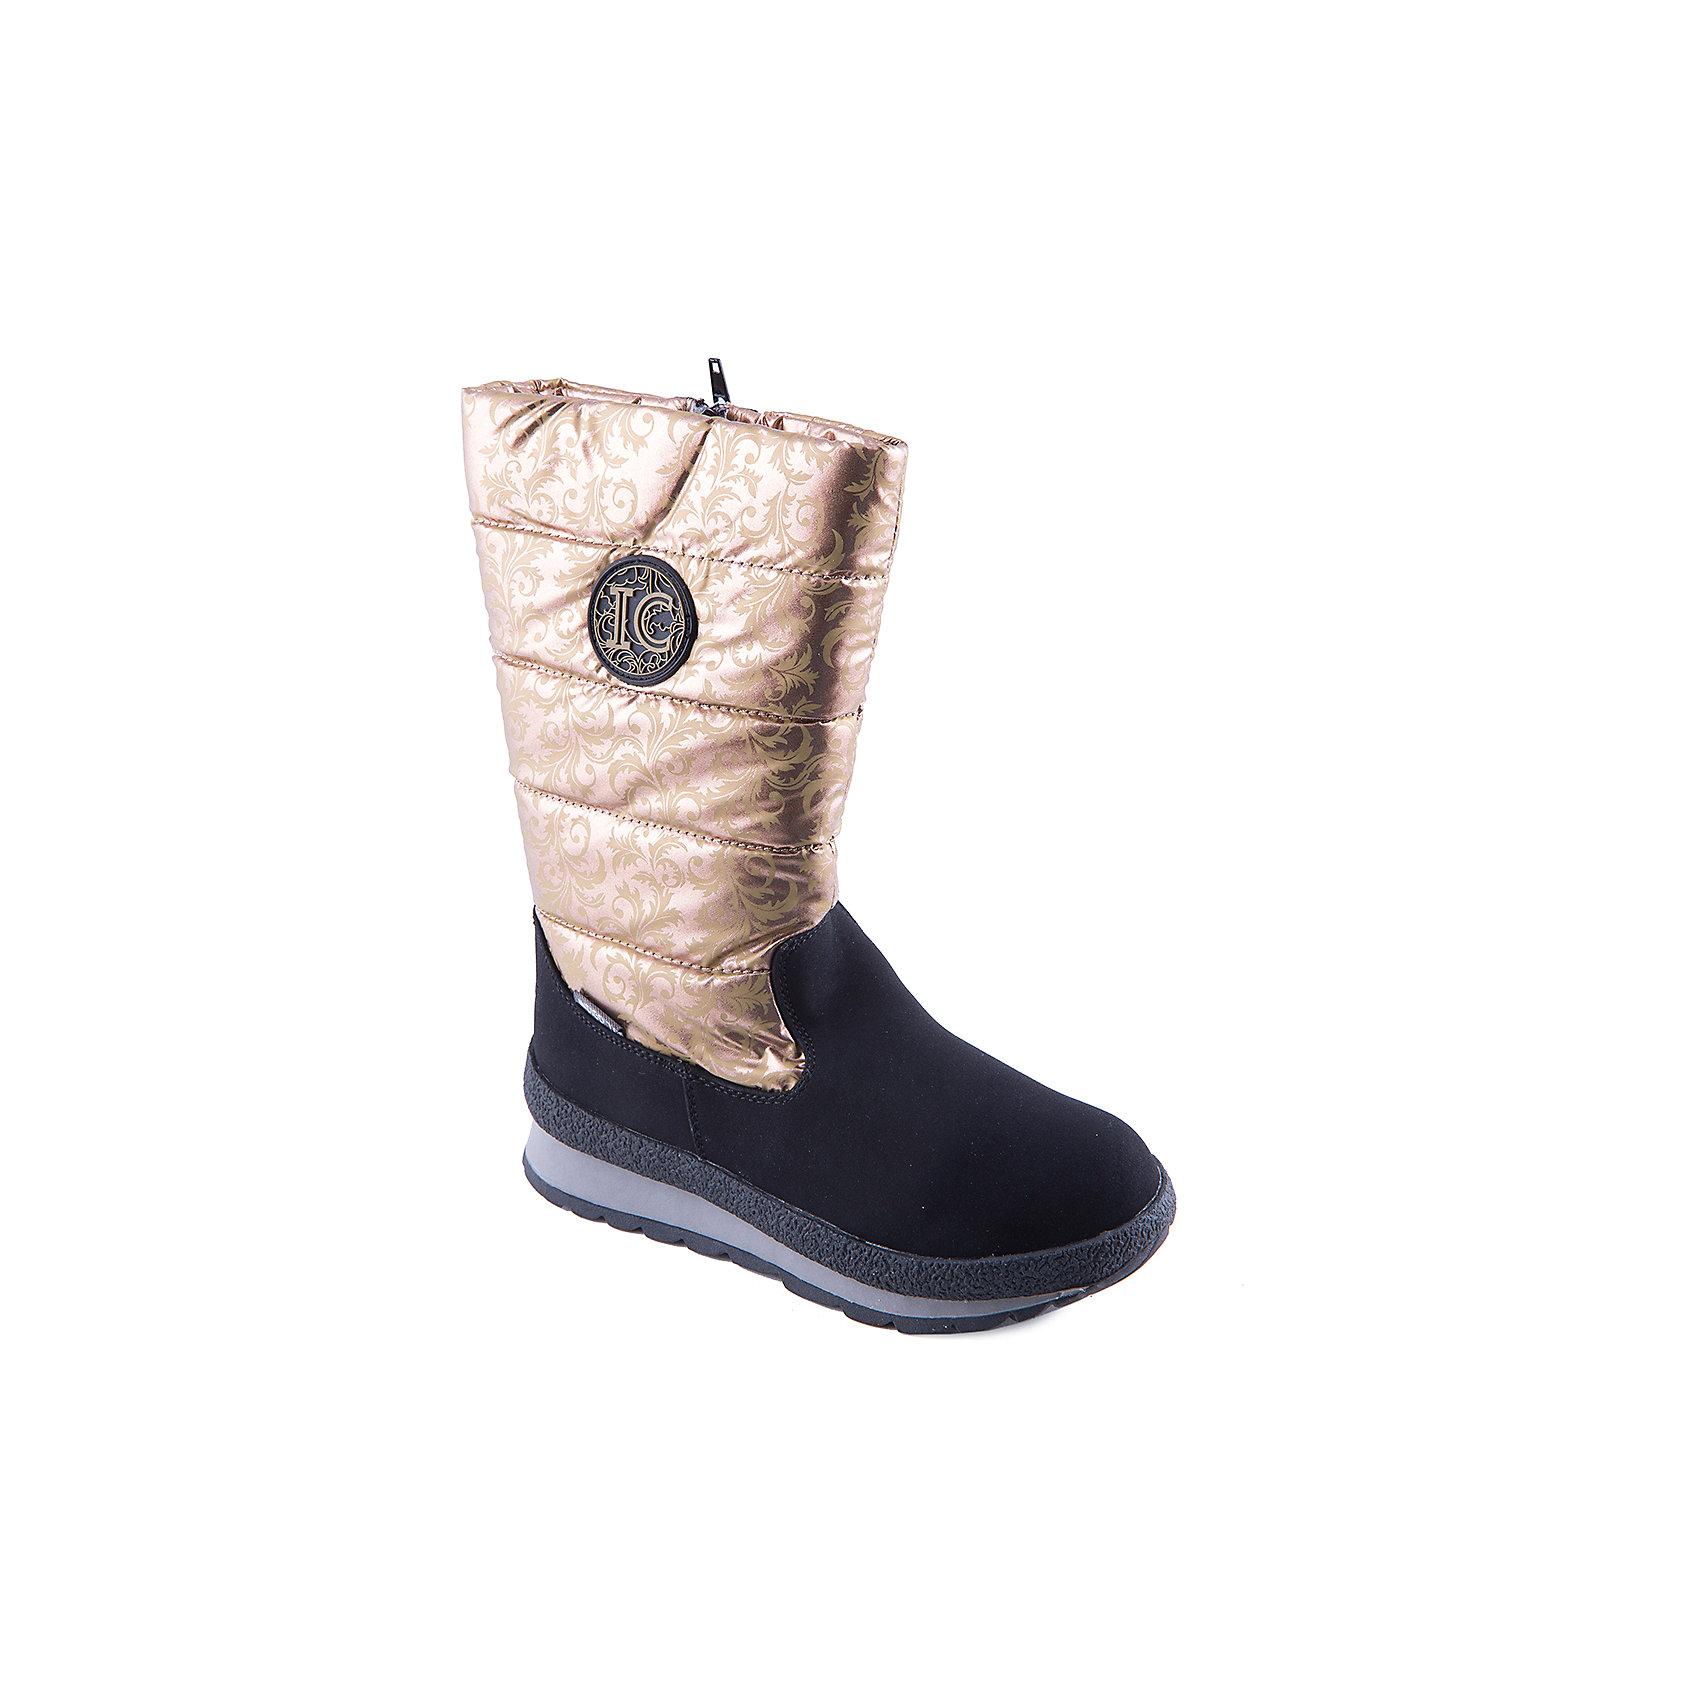 Сапоги для девочки Indigo kidsДутики<br>Сапоги для девочки от популярной марки Indigo kids.<br>Дутые сапоги надежно согреют детские ноги зимой благодаря подкладке из натуральной шерсти. Они сделаны с применением технологии INDIGO TEX – это мембранный материал, выводящий влагу из обуви наружу, но не позволяющий сырости проникать внутрь.<br>Отличительные особенности модели:<br>- оригинальный дизайн, голенище золотистого цвета;<br>- комфортная колодка;<br>- толстая устойчивая подошва;<br>- удобная молния сбоку;<br>- качественная подкладка из шерсти;<br>- мембрана INDIGO TEX.<br>Дополнительная информация:<br>- Сезон: зима.<br>- Состав:<br>материал верха: текстиль/искусственная кожа<br>материал подкладки: шерсть<br>подошва: ТЭП.<br>Сапоги для девочки Indigo kids (Индиго кидс можно купить в нашем магазине.<br><br>Ширина мм: 257<br>Глубина мм: 180<br>Высота мм: 130<br>Вес г: 420<br>Цвет: золотой<br>Возраст от месяцев: 96<br>Возраст до месяцев: 108<br>Пол: Женский<br>Возраст: Детский<br>Размер: 32,33,34,36,35,37<br>SKU: 4226002